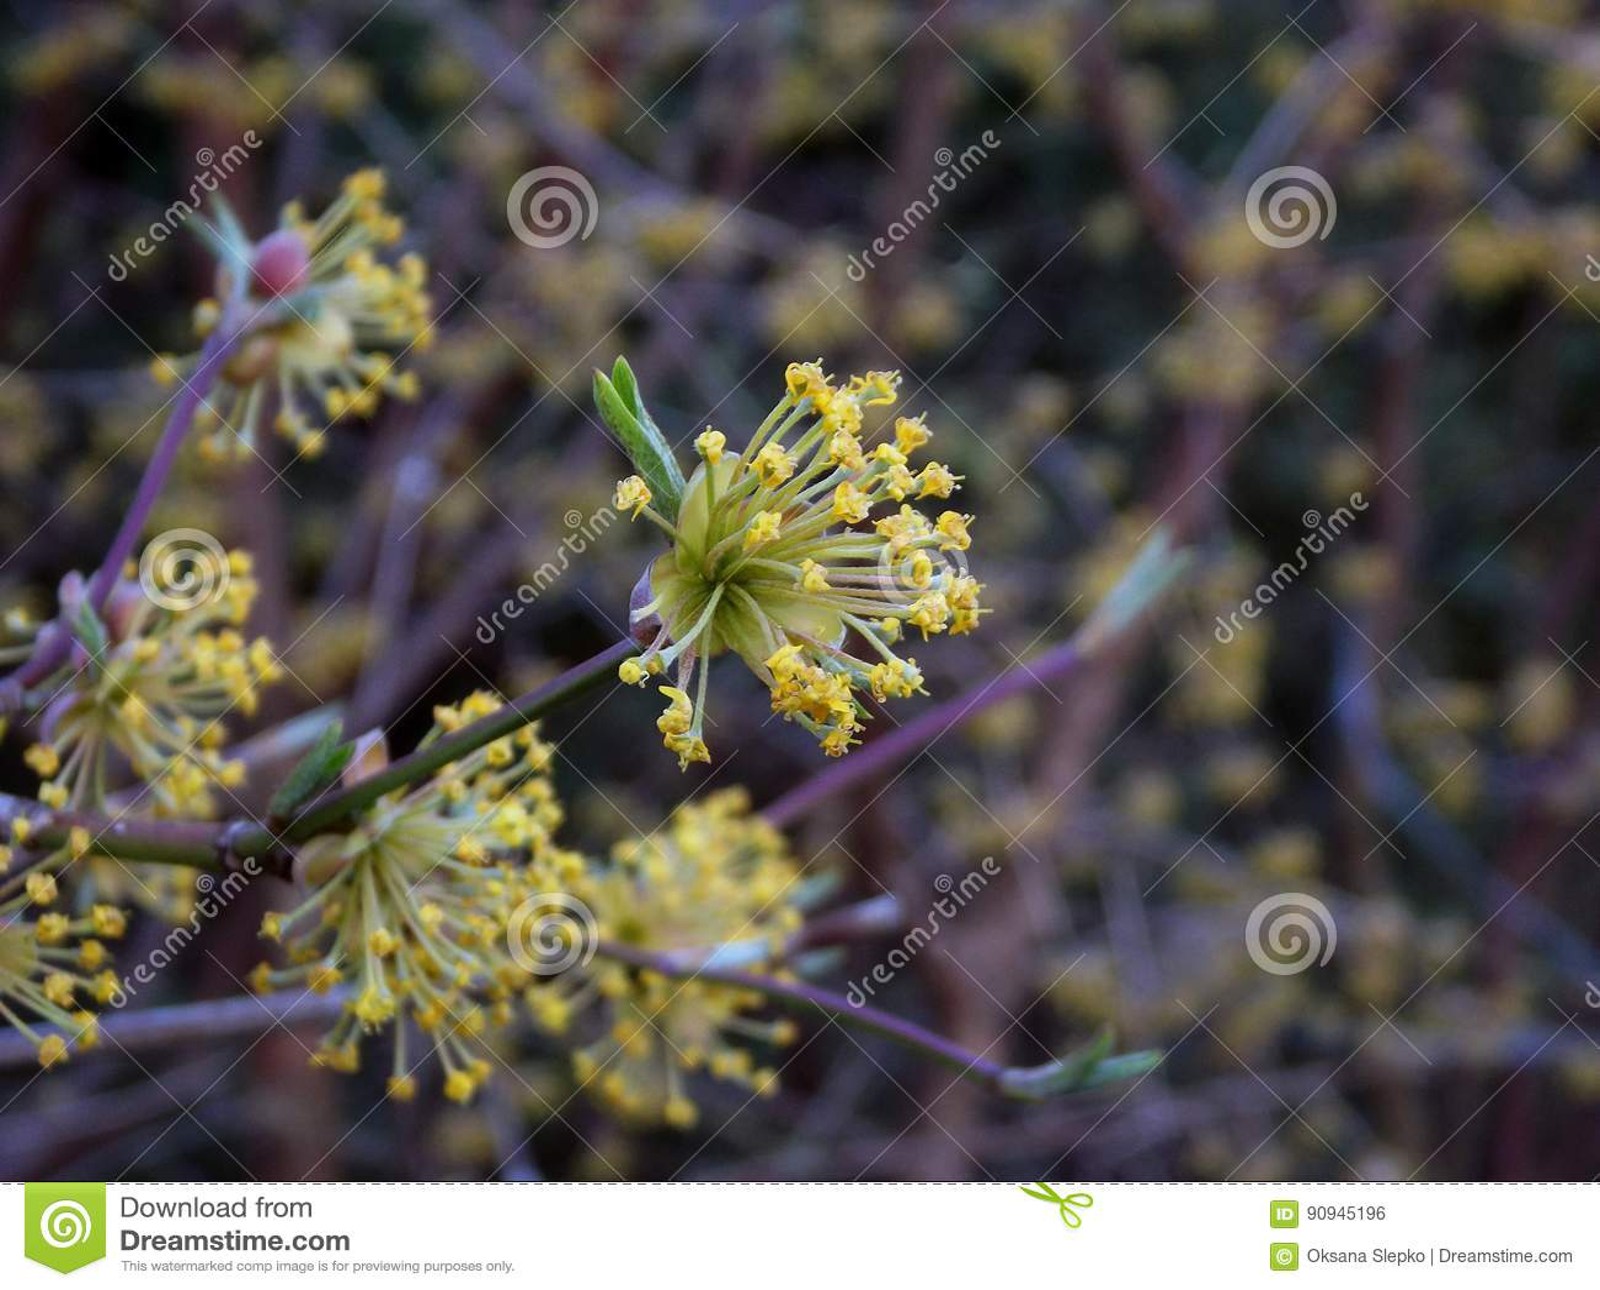 Yellow Blossoms Of Cornus Mas Flowers Of Cornelian Cherry Bush In